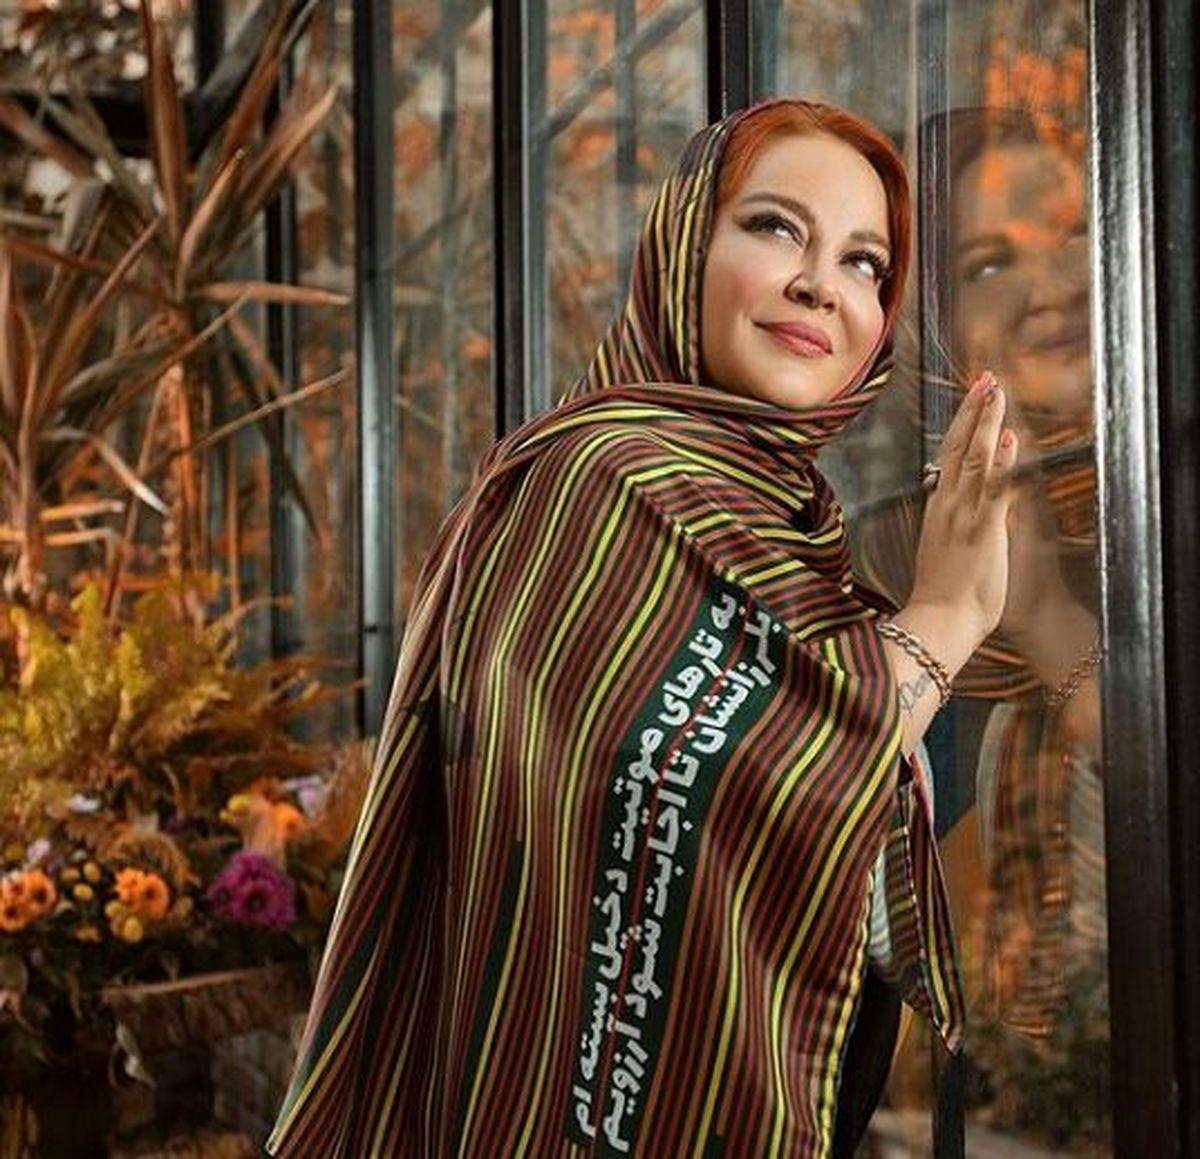 ست لاکچری و گران قیمت بهاره رهنما و همسرش در جشن تولد همسرش + عکس